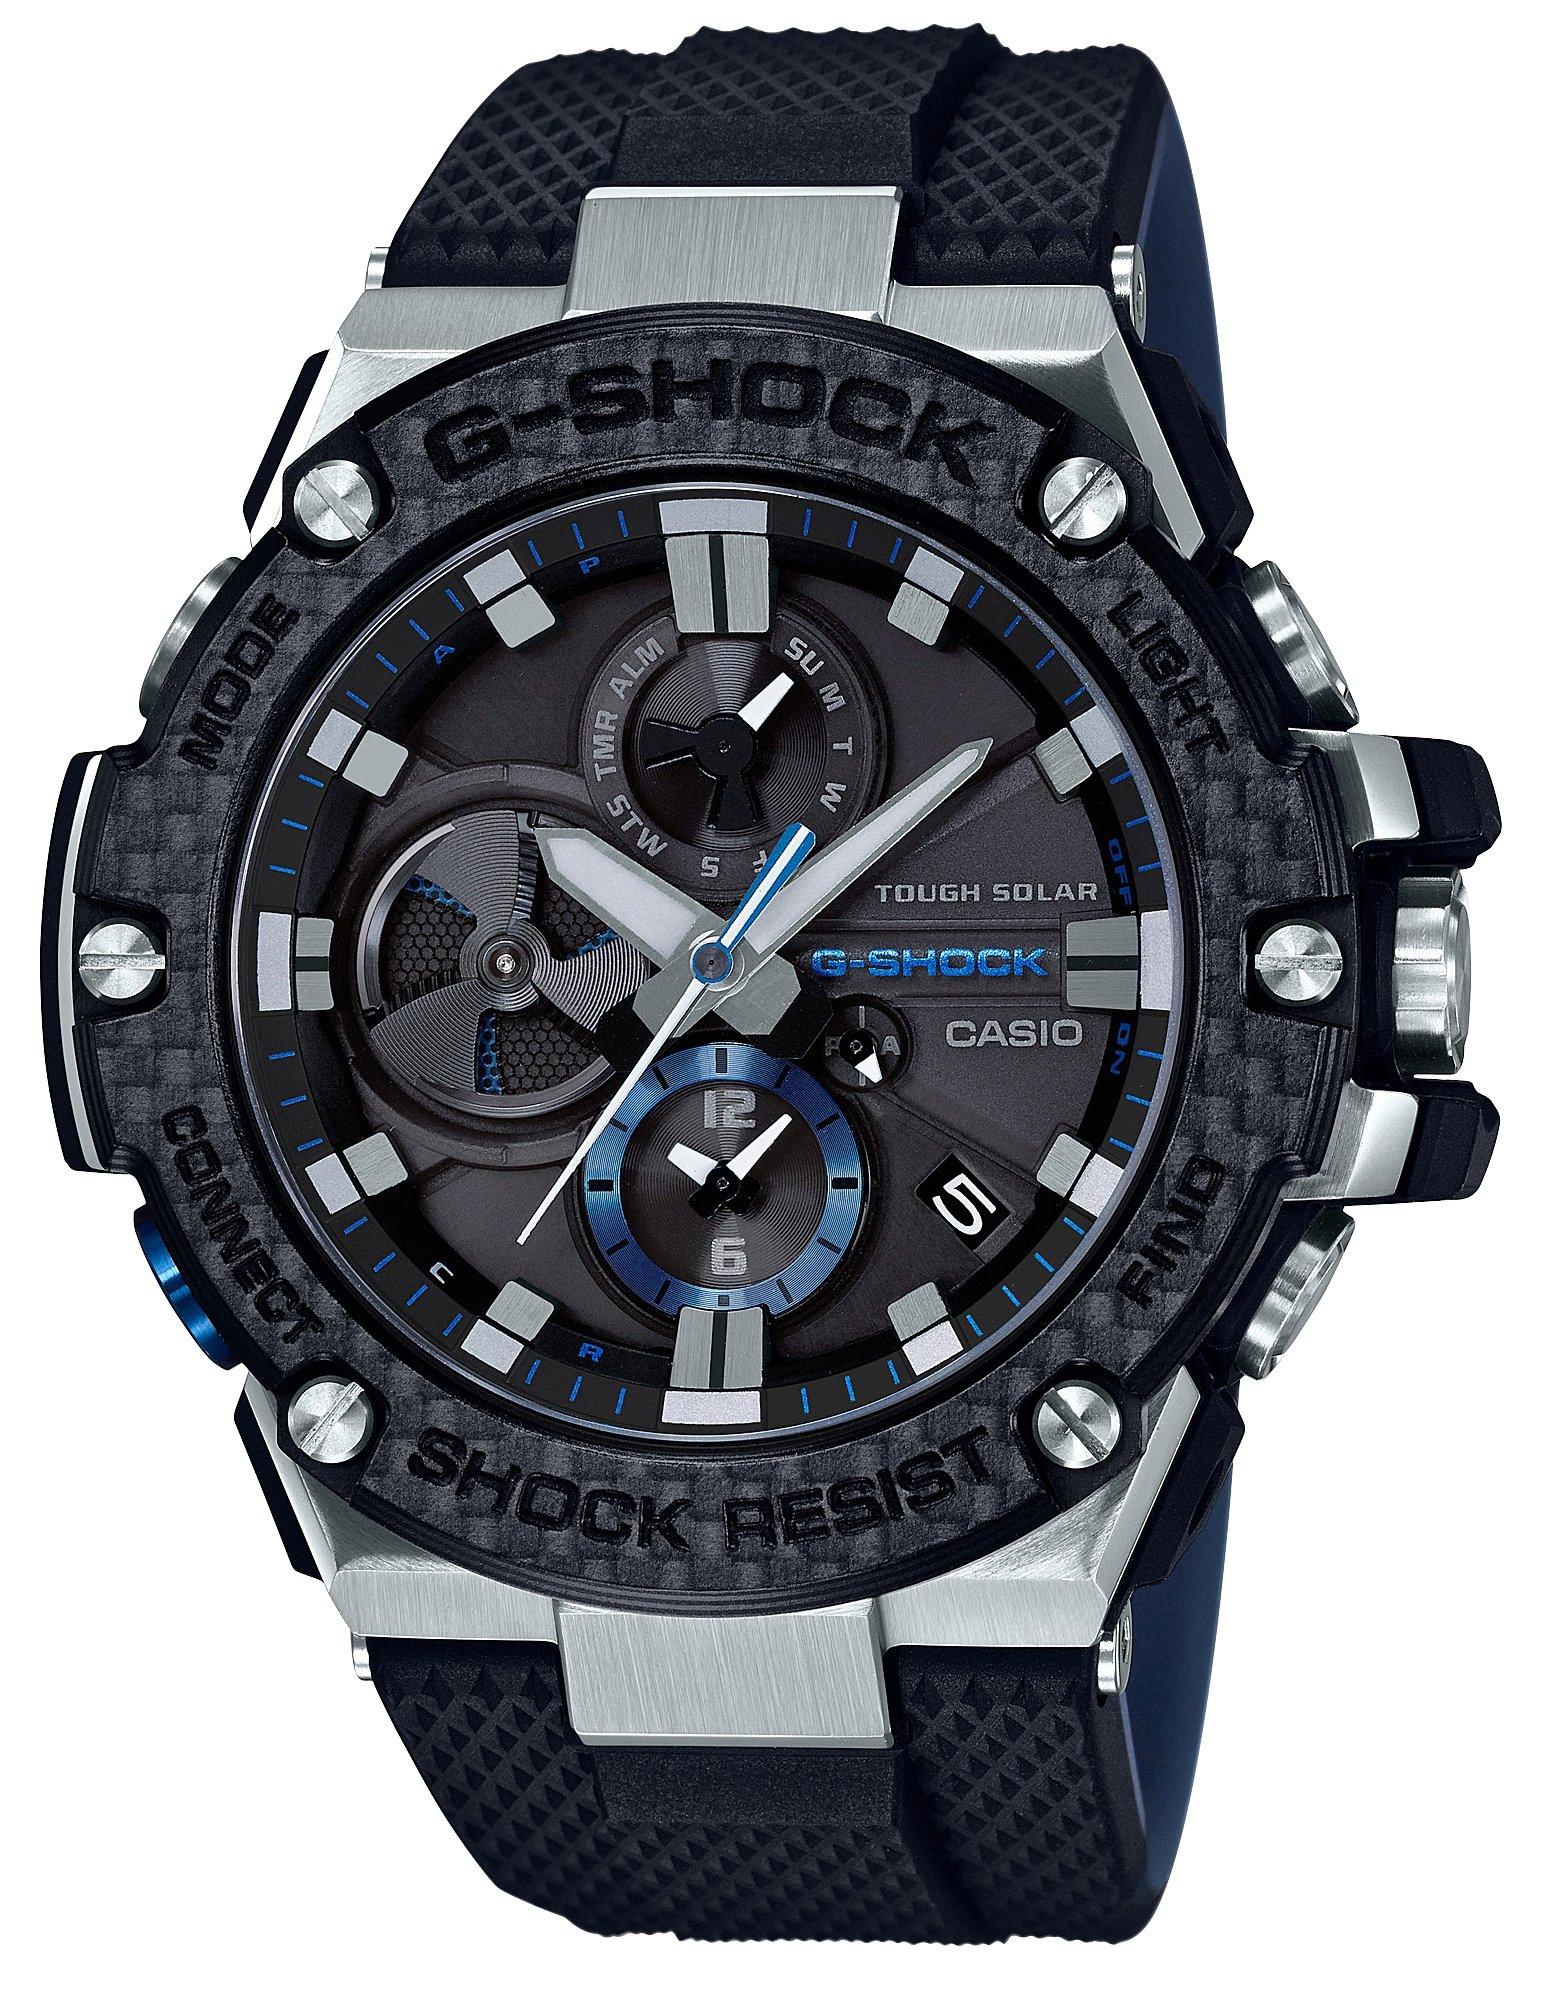 [カシオ]CASIO 腕時計 G-SHOCK ジーショック G-STEEL スマートフォン リンク GST-B100XA-1AJF メンズ